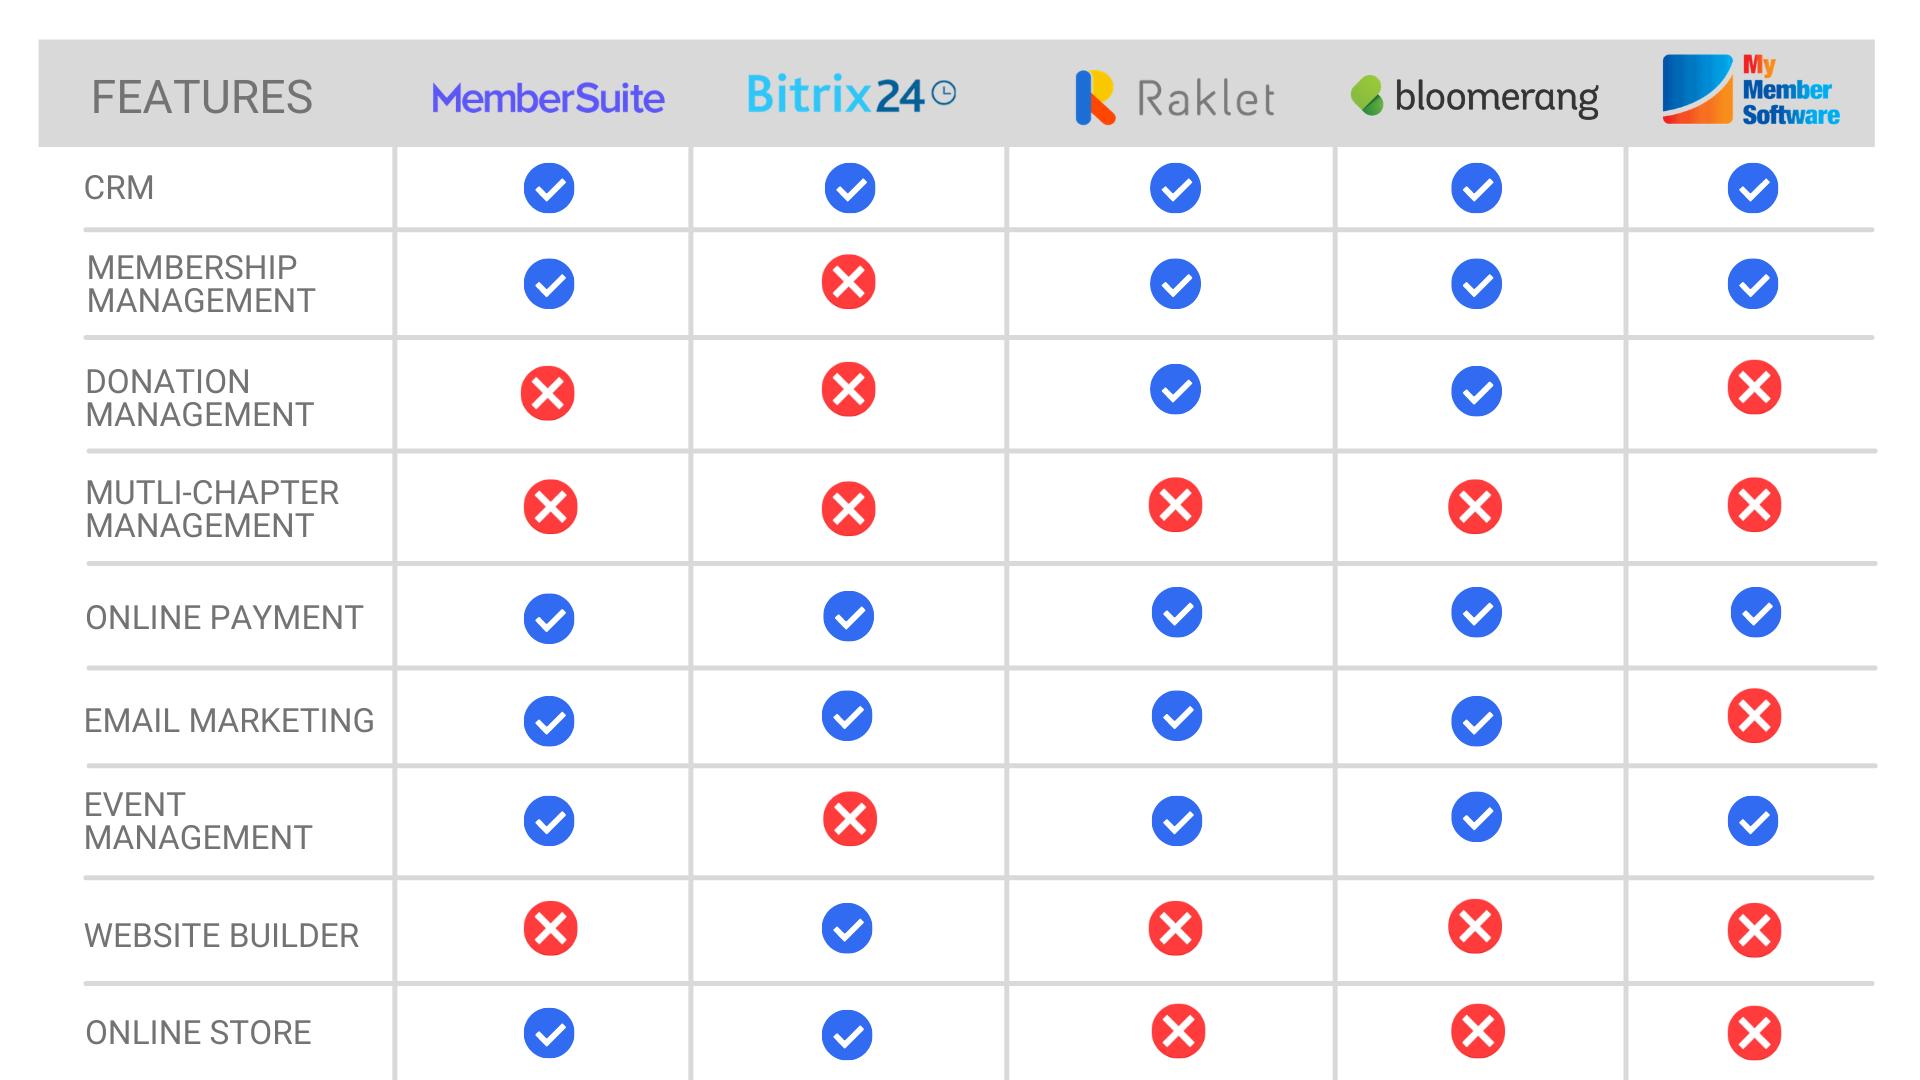 association-management-software-comparison-table